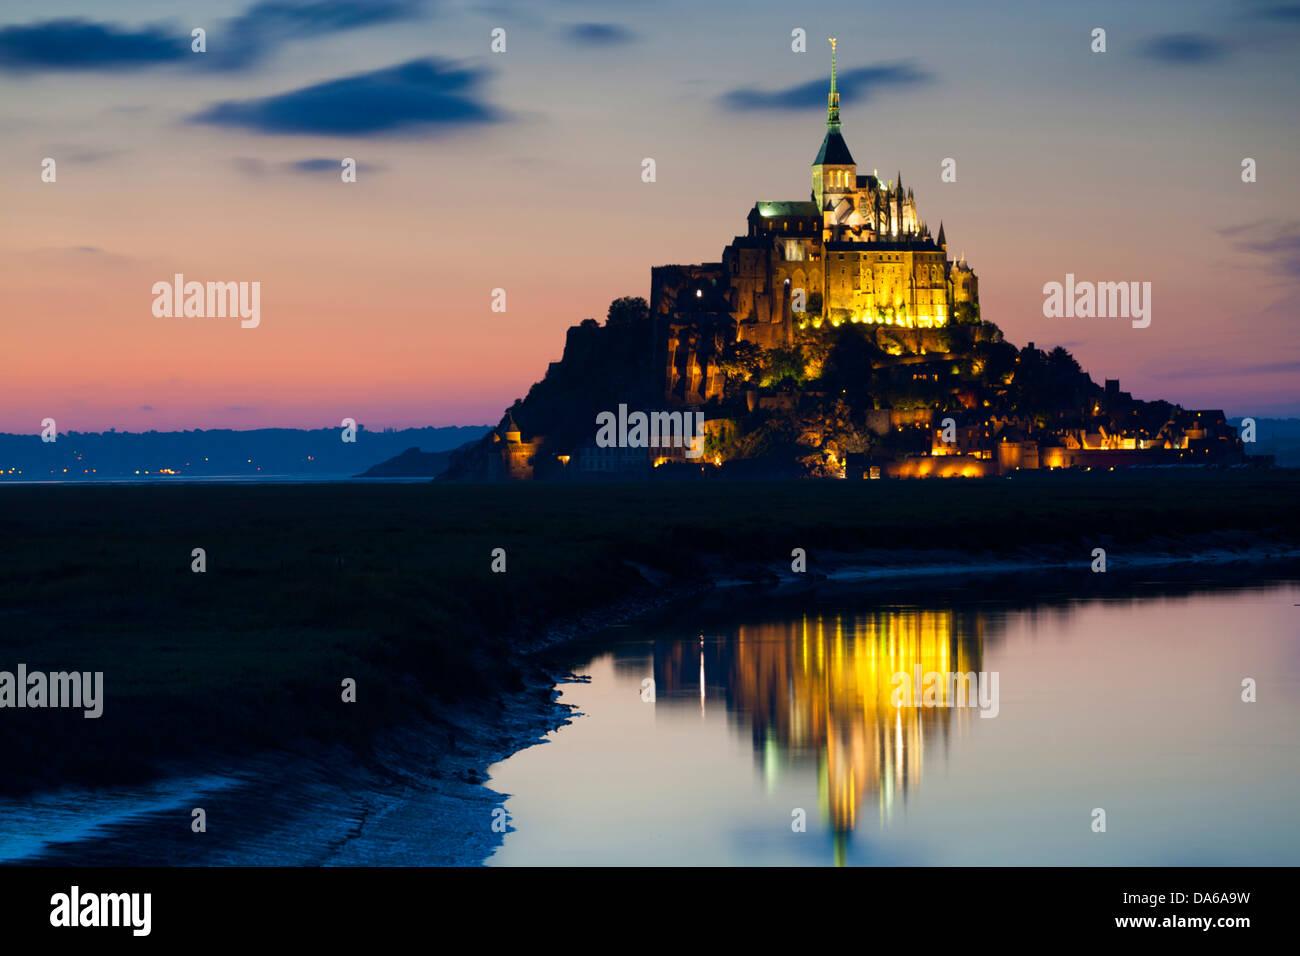 St. Michel's mount, Mont Saint-Michel, mont, St. Michel, France, Europe, Normandy, department some, UNESCO, - Stock Image